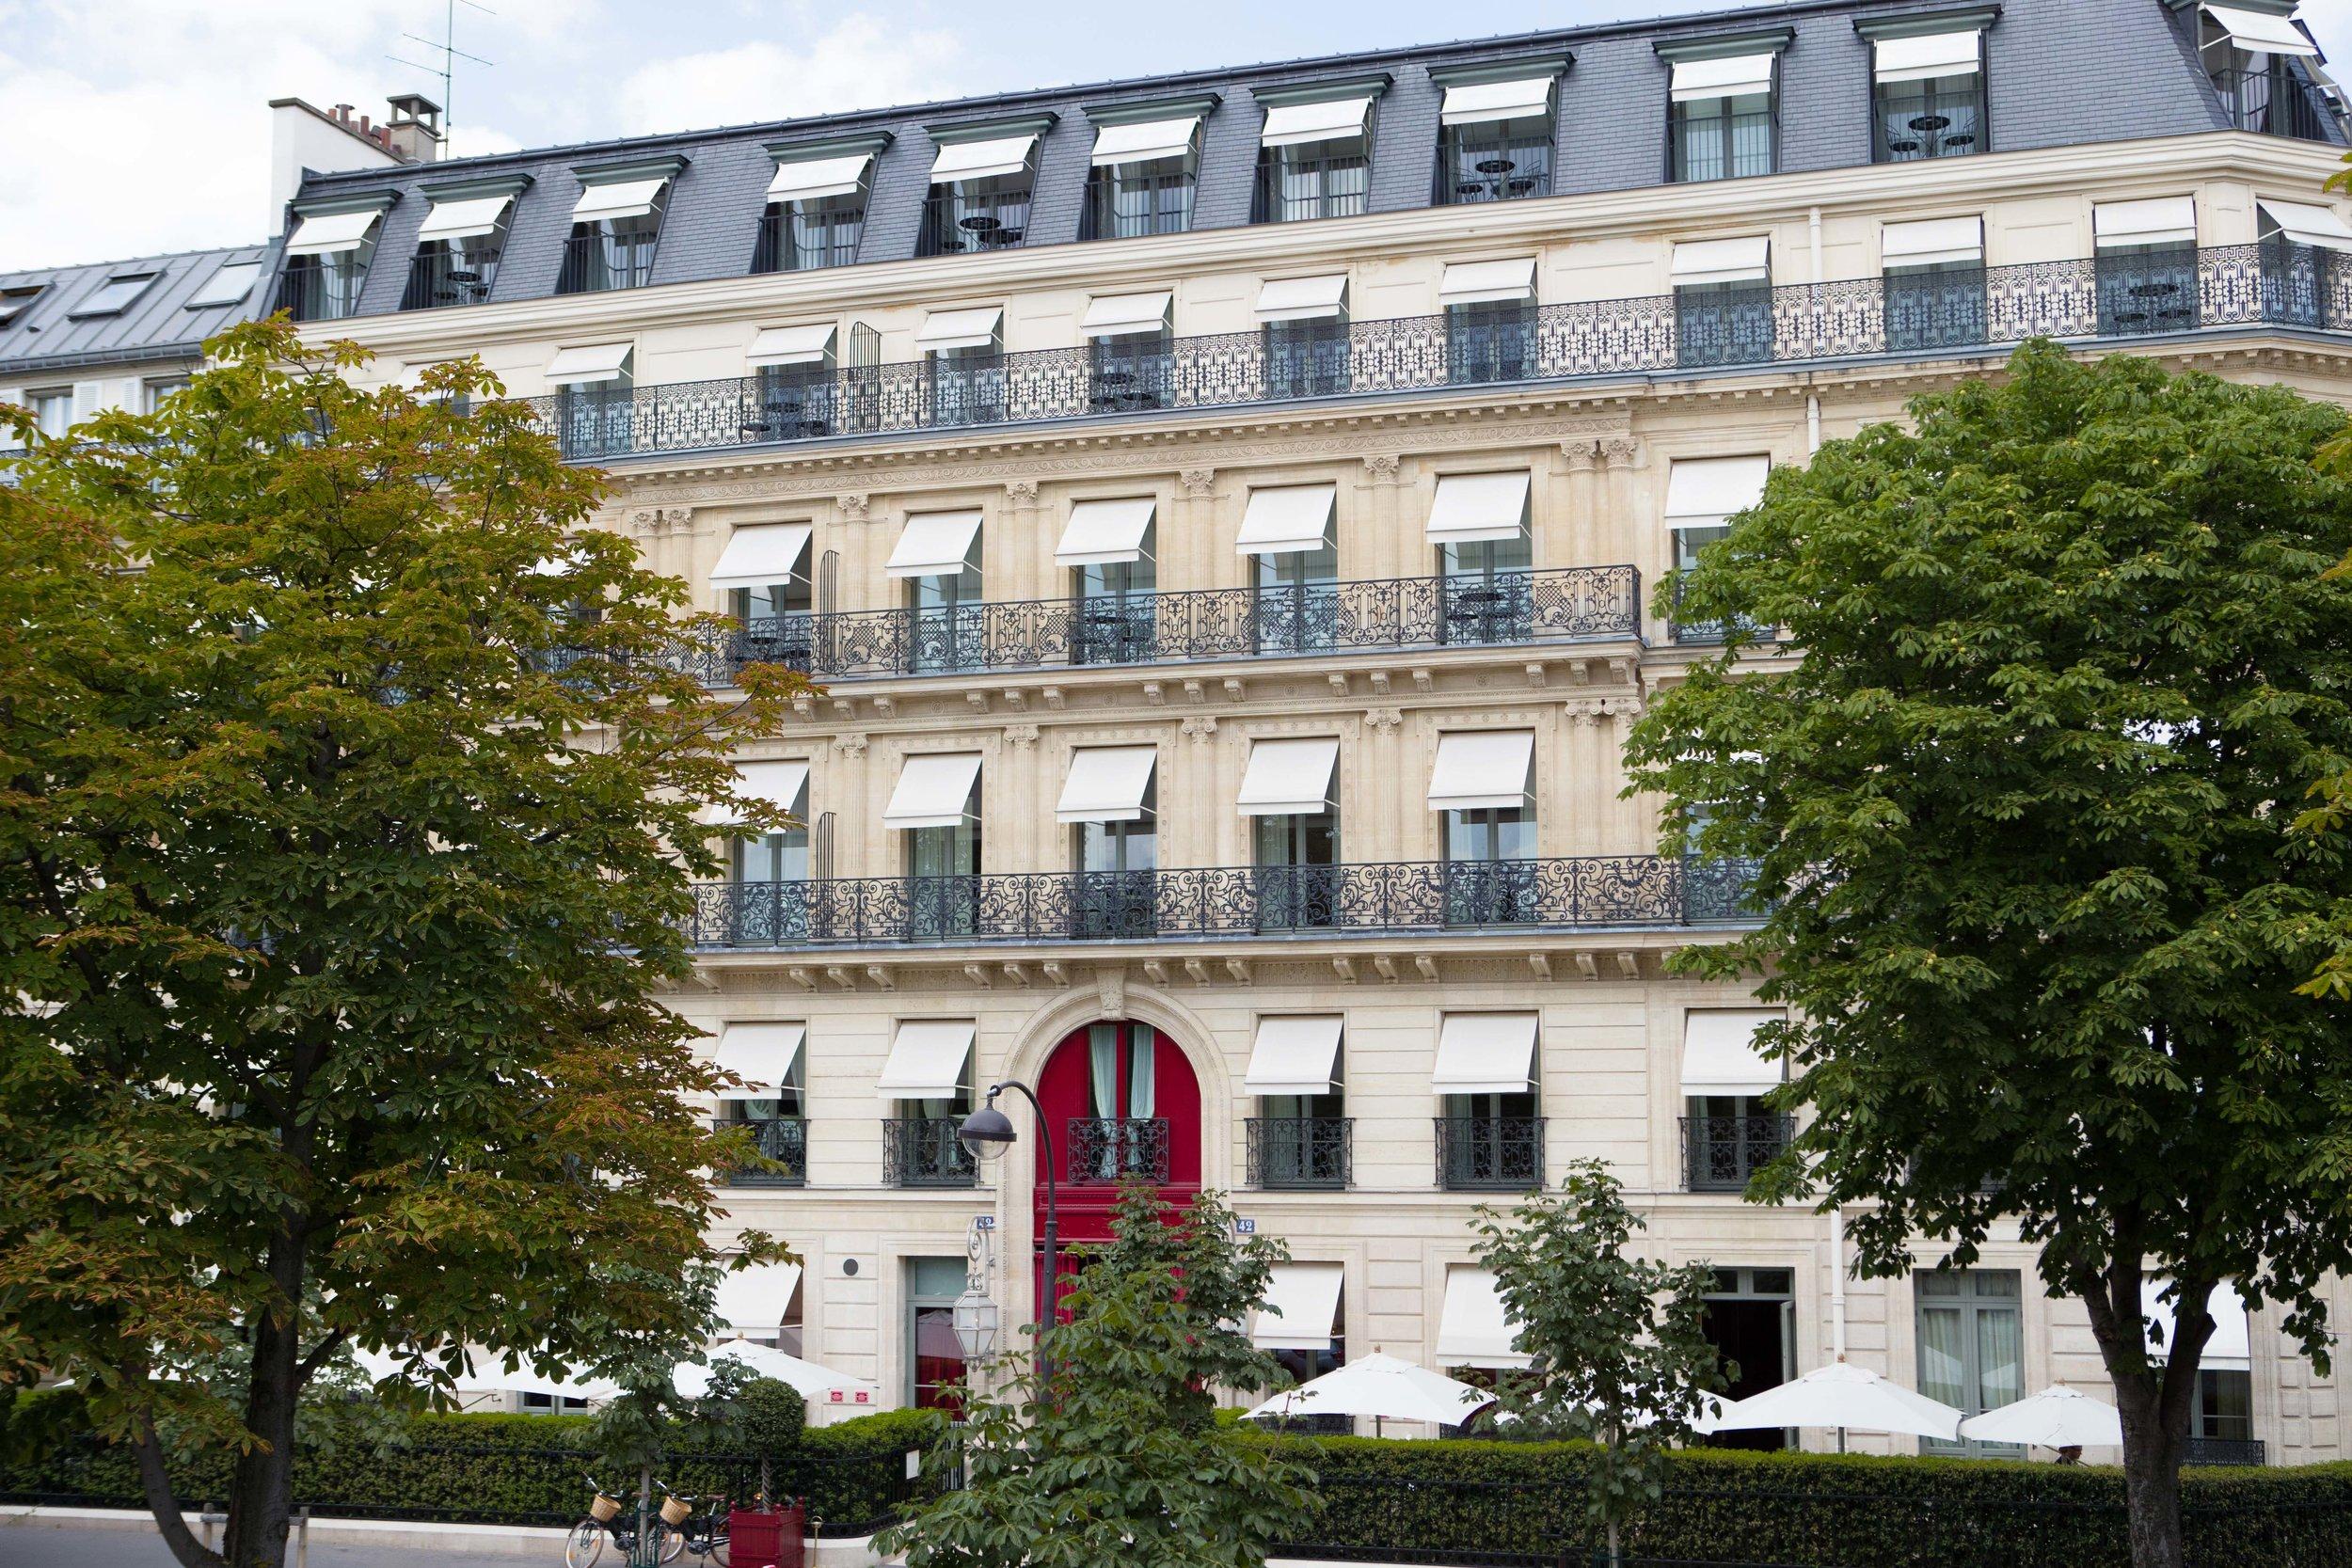 La Réserve Hotel & Spa - - Crédits photo G. Gardette - La Réserve Paris facade.jpg